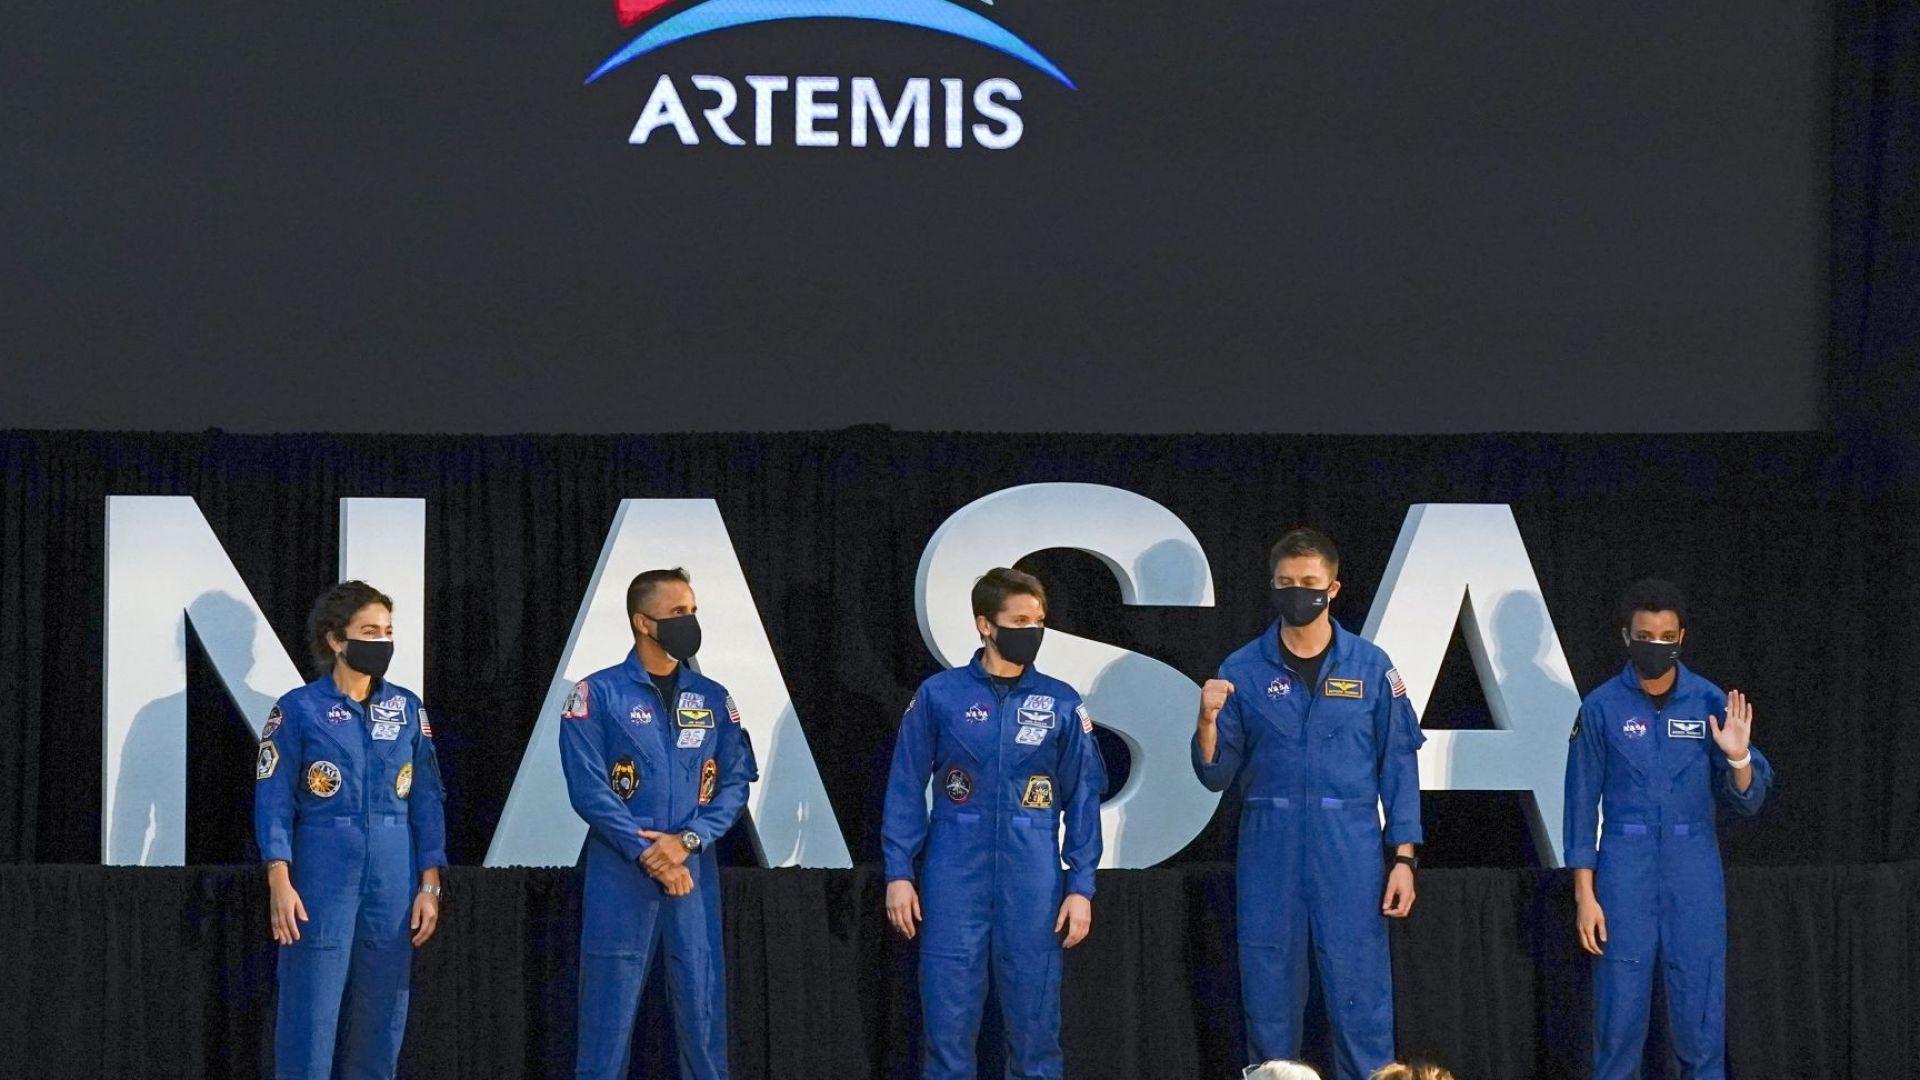 Джесика Меир, Джо Акаба, Ан Макклейн, Матю Доминик и Джесика Уоткинс са водещите кандидати